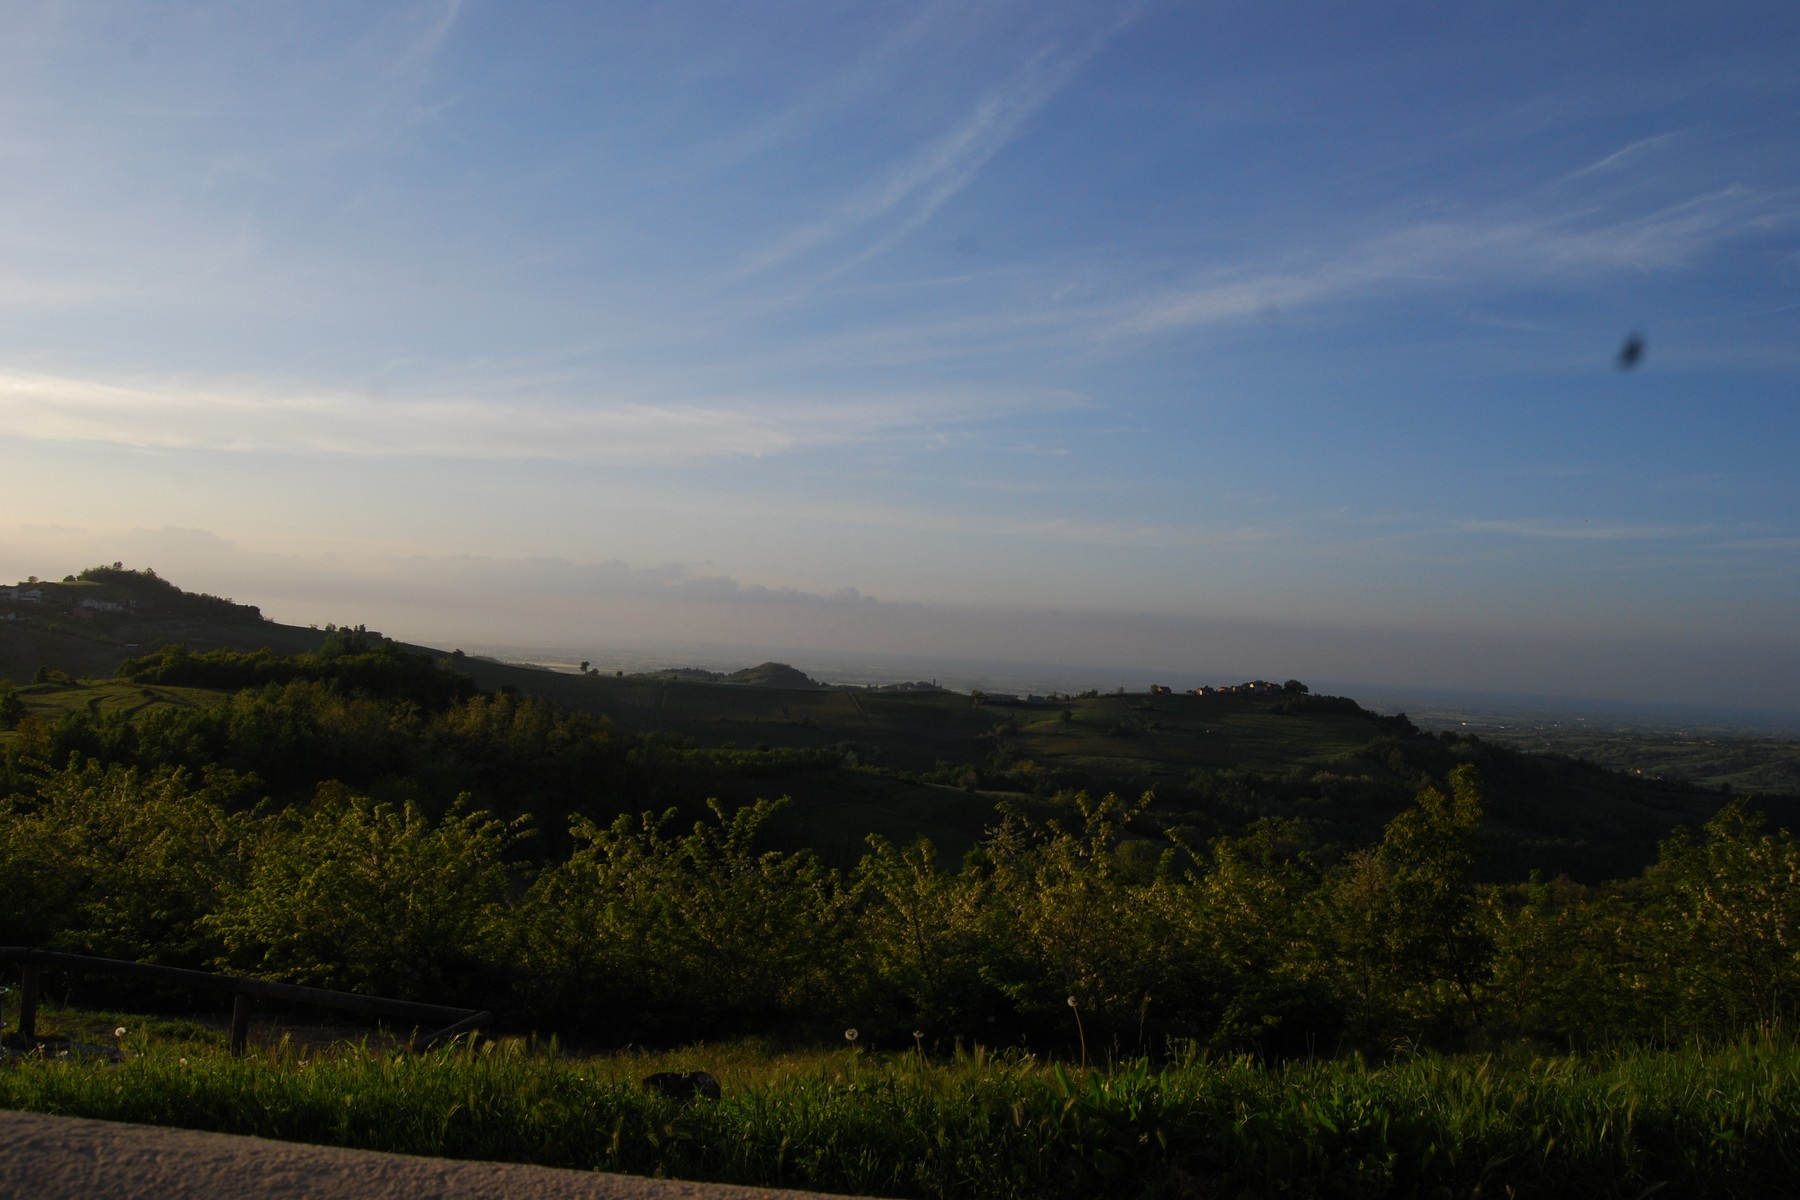 Rustico in Vendita a Montemarzino: 5 locali, 300 mq - Foto 27